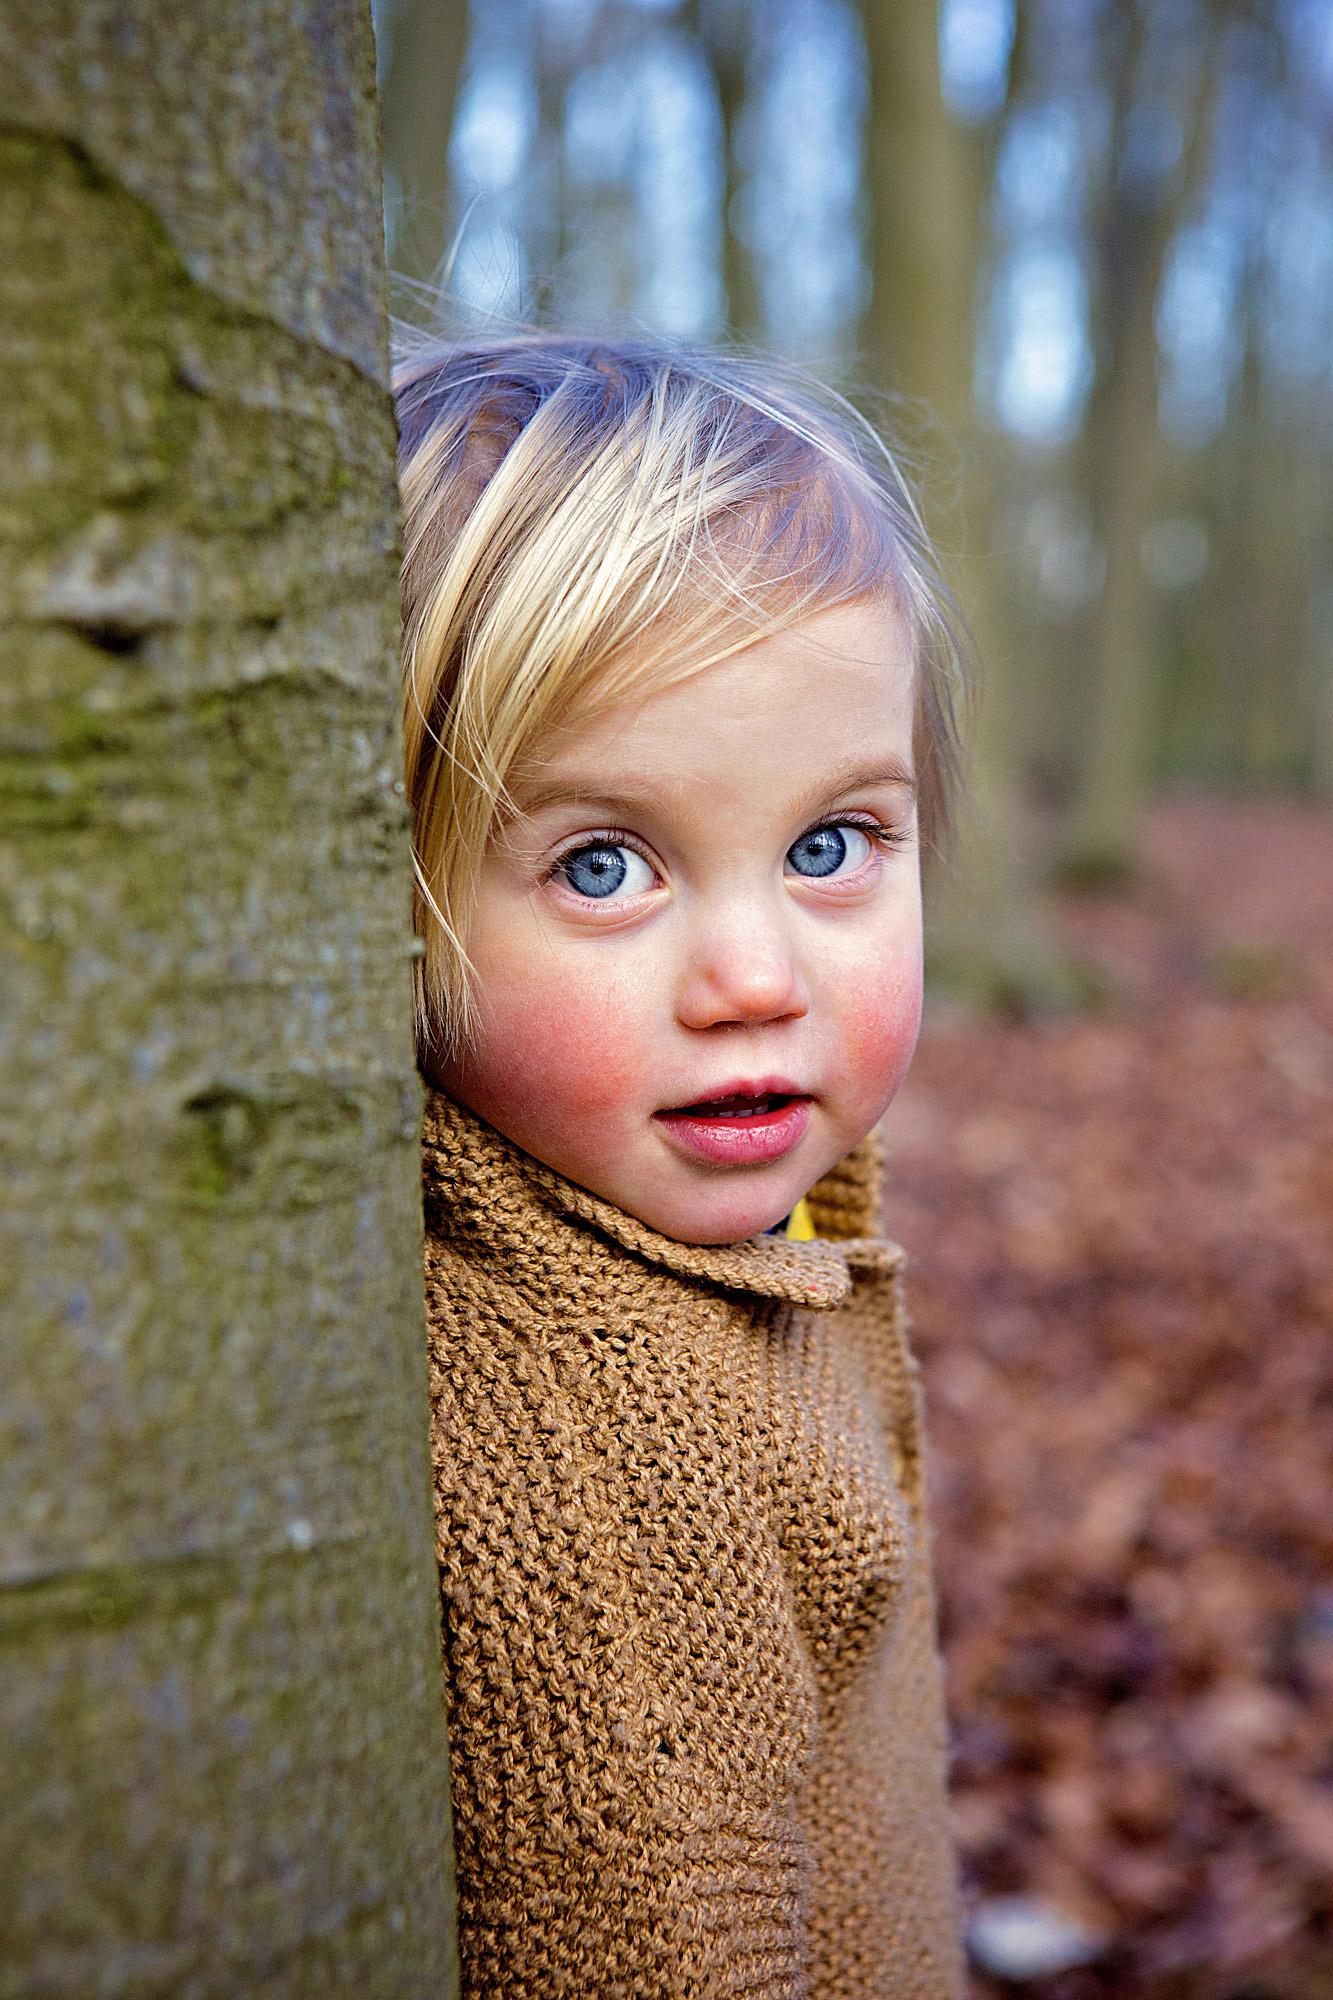 tricks for photographing children 5.jpg